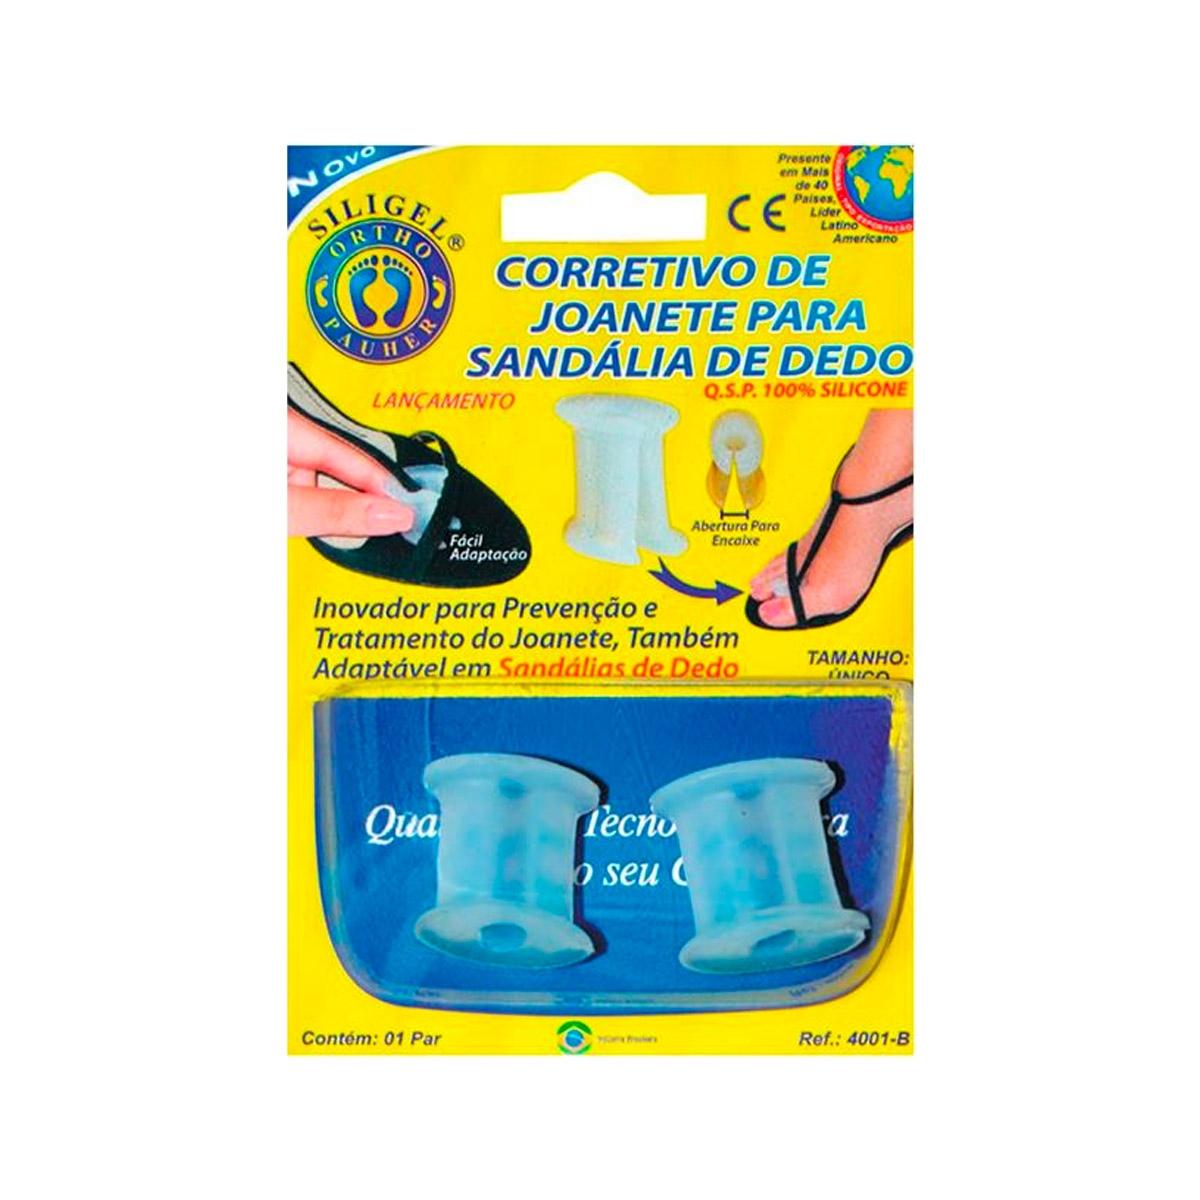 Corretivo Ortopédico De Joanete Para Sandália De Dedo - Ortho Pauher